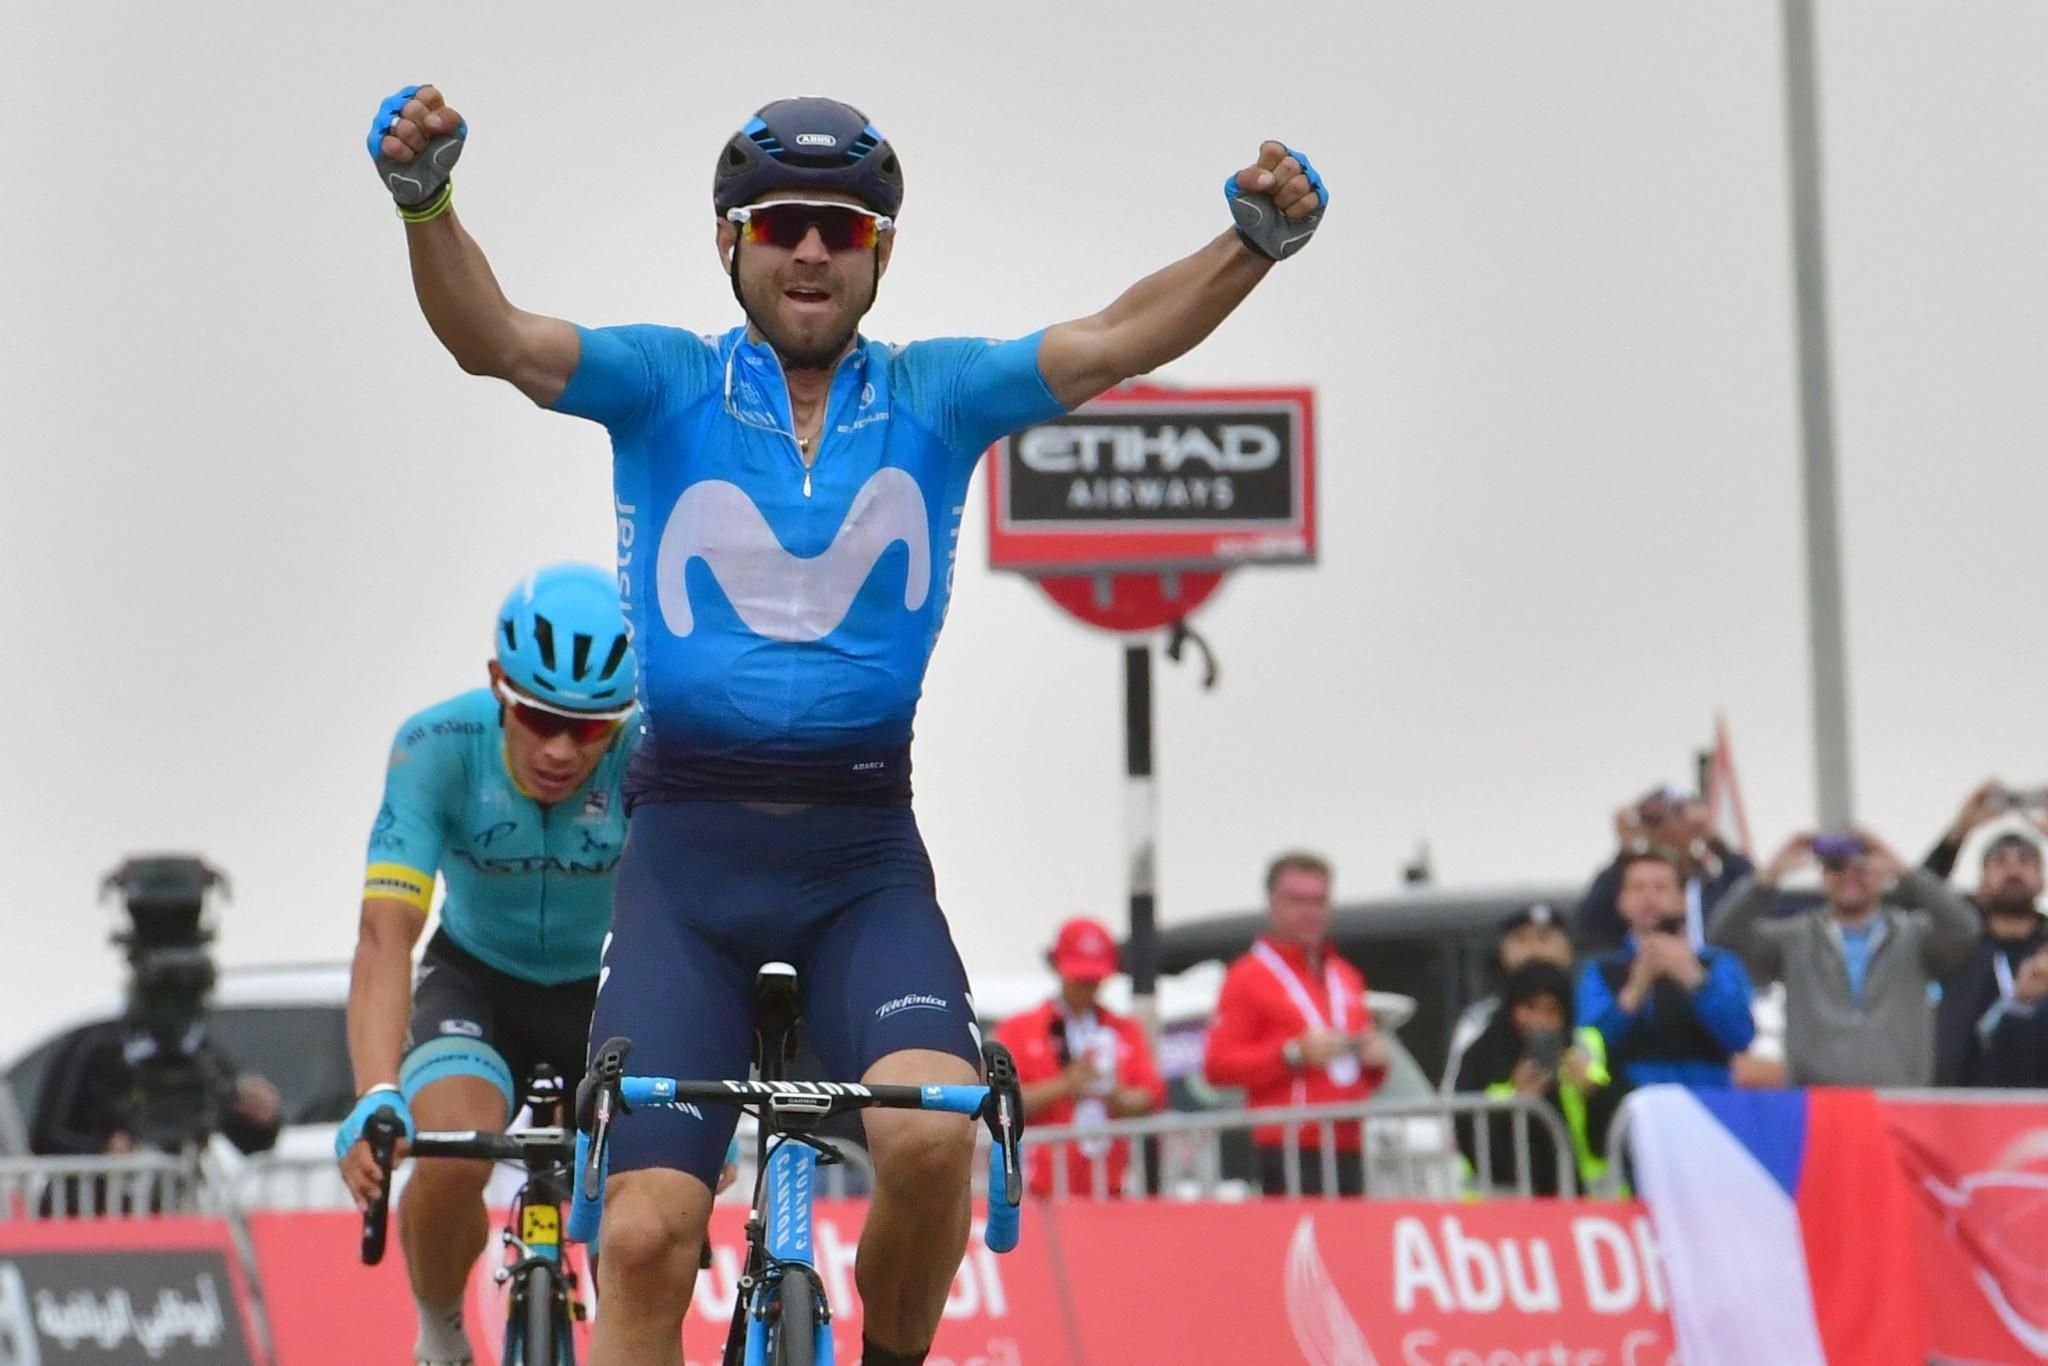 Valverde seeks fifth straight win in La Fleche Wallone